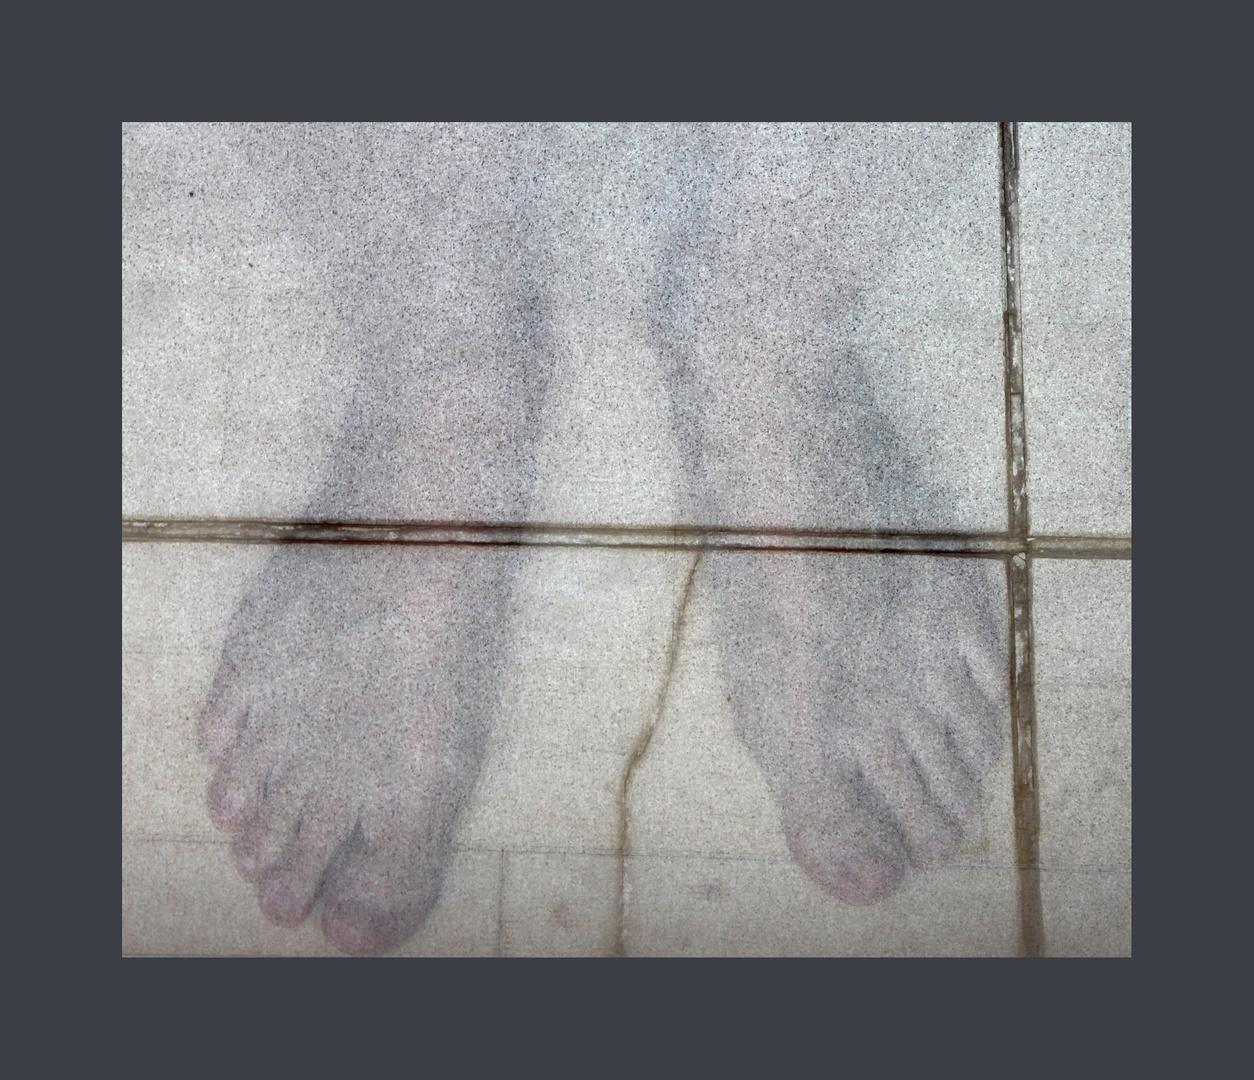 mit nackten Füßen auf gebrochenem Stein